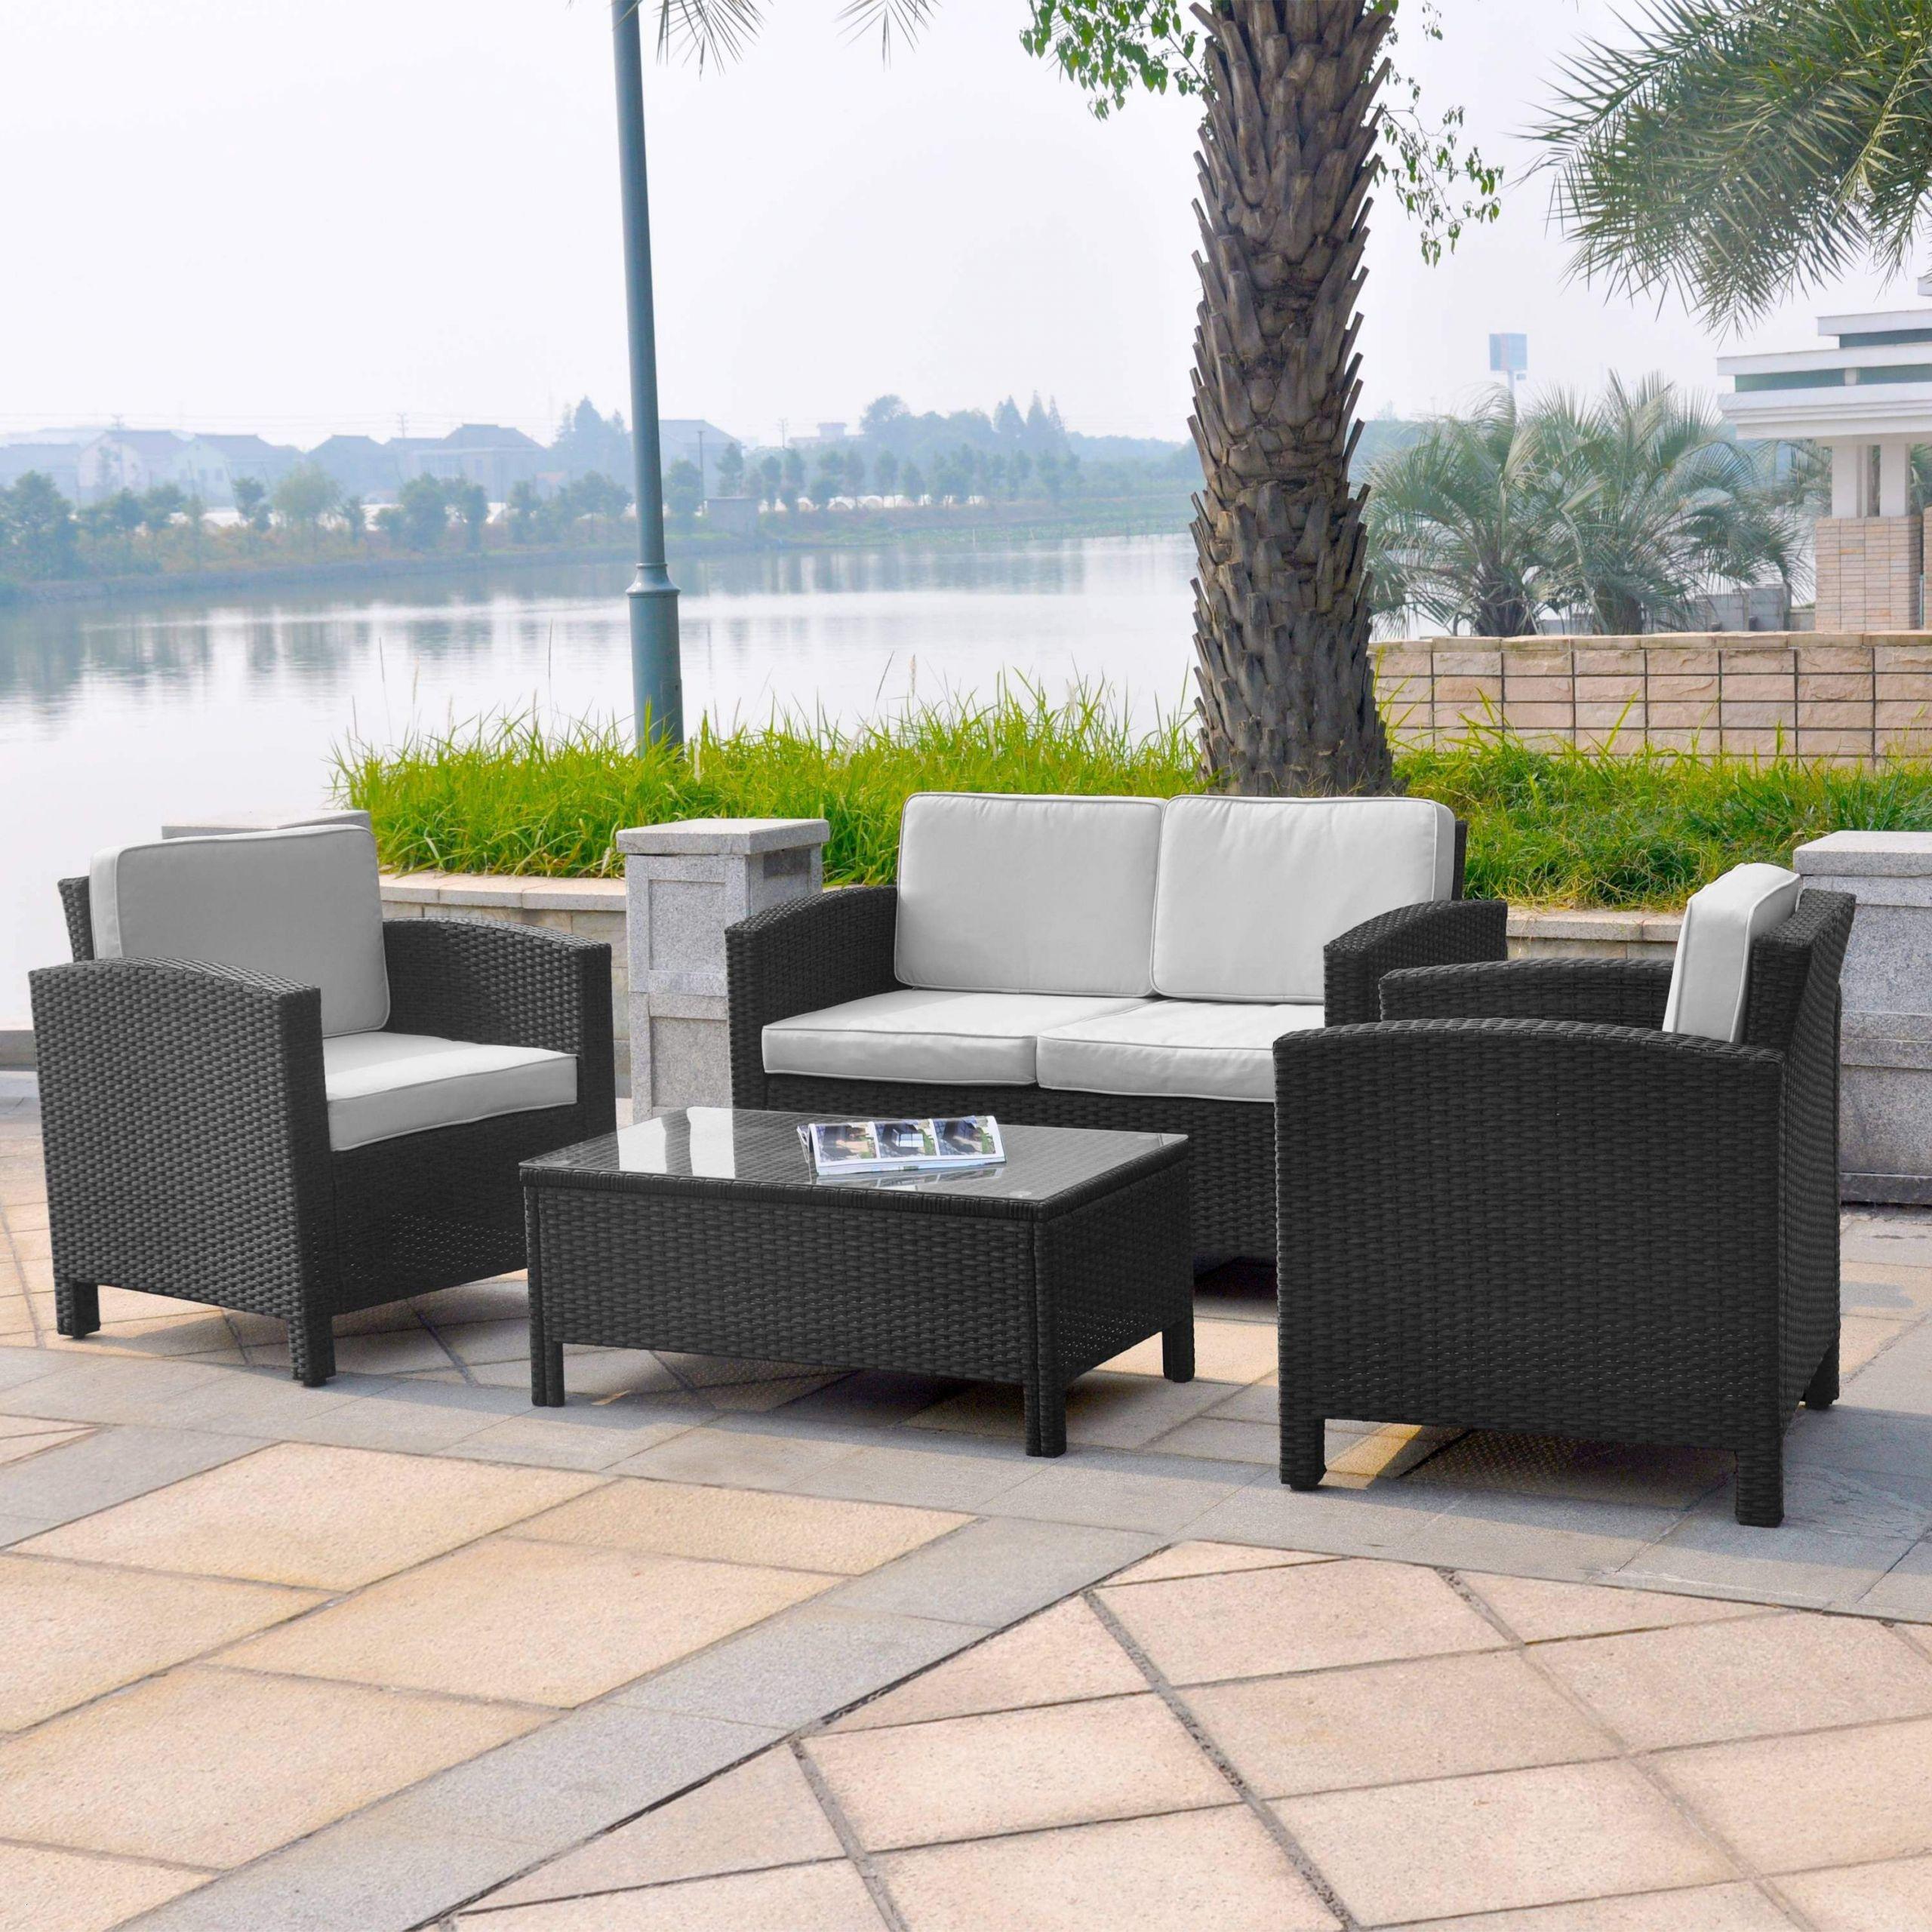 stapelstuhle garten elegant 11 tisch stuhle terrasse einzigartig of stapelstuhle garten scaled